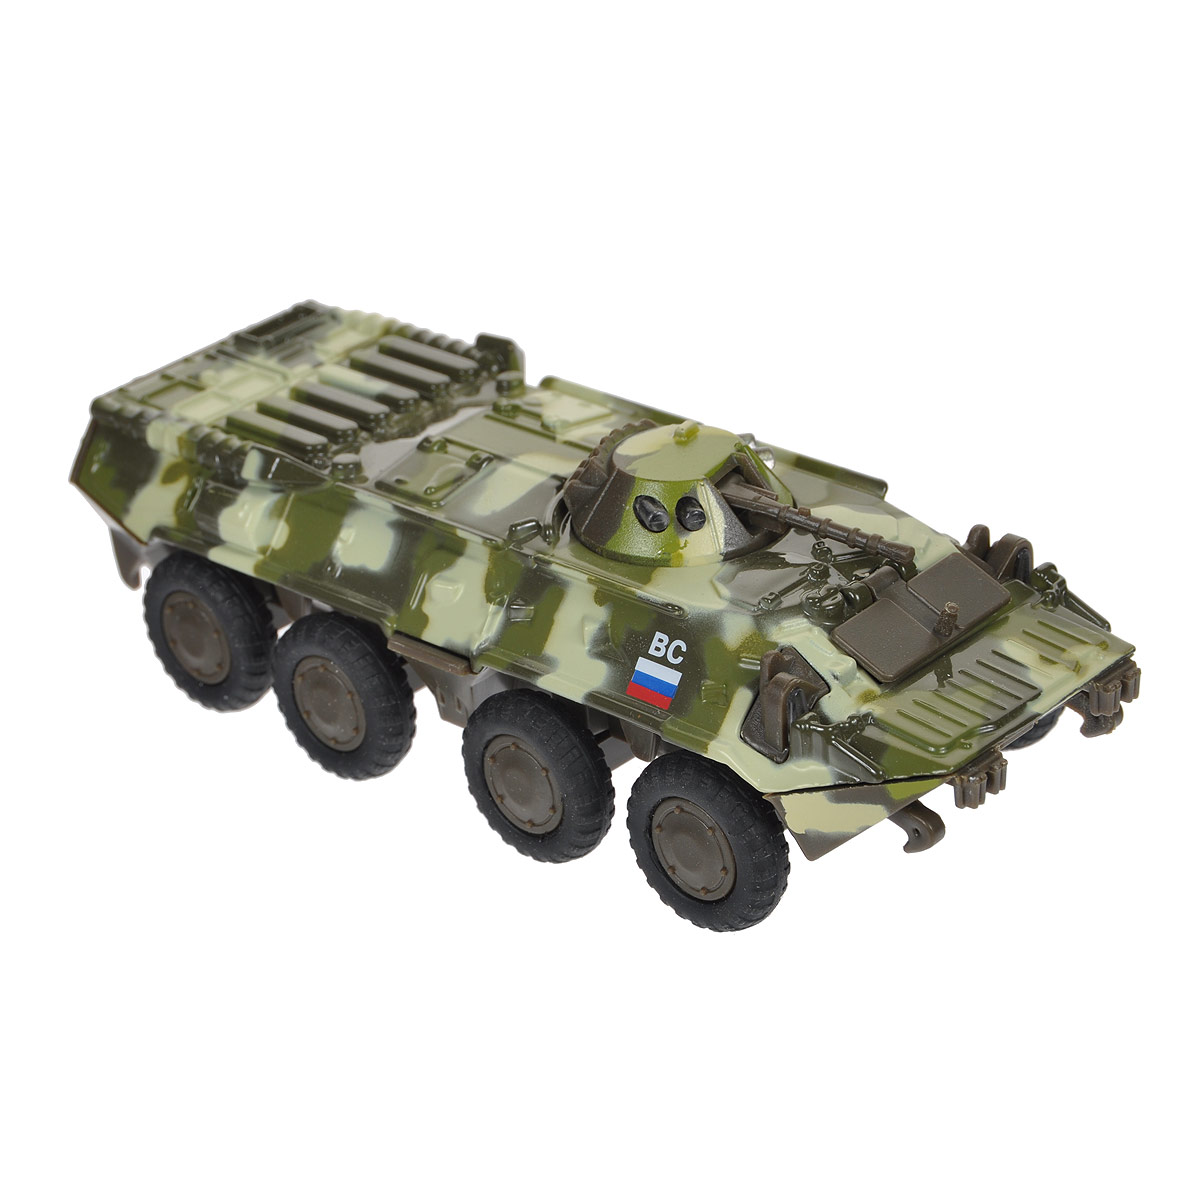 ТехноПарк Бронетранспортер БТР 80 цвет камуфляж zvezda модель для склеивания советский бронетранспортер бтр 80